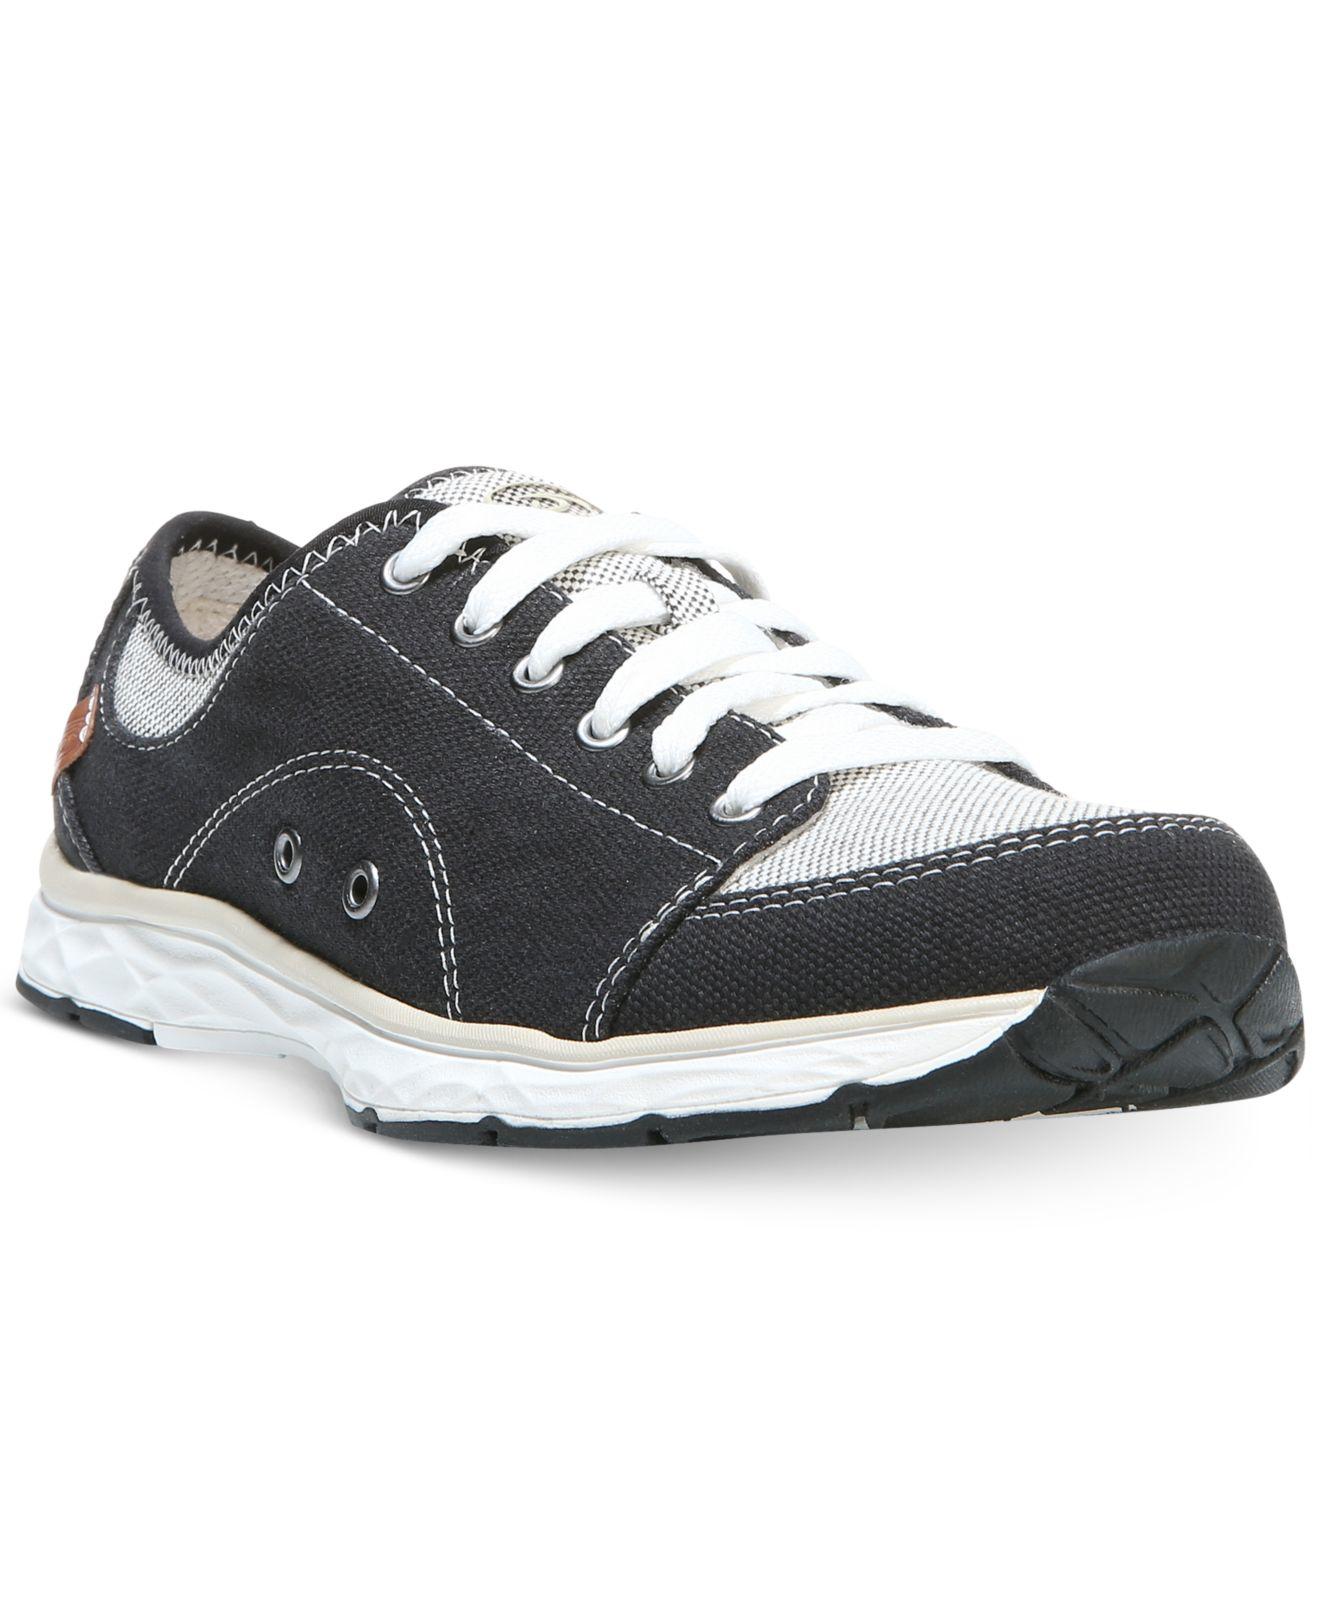 Dr Johnson S Shoes